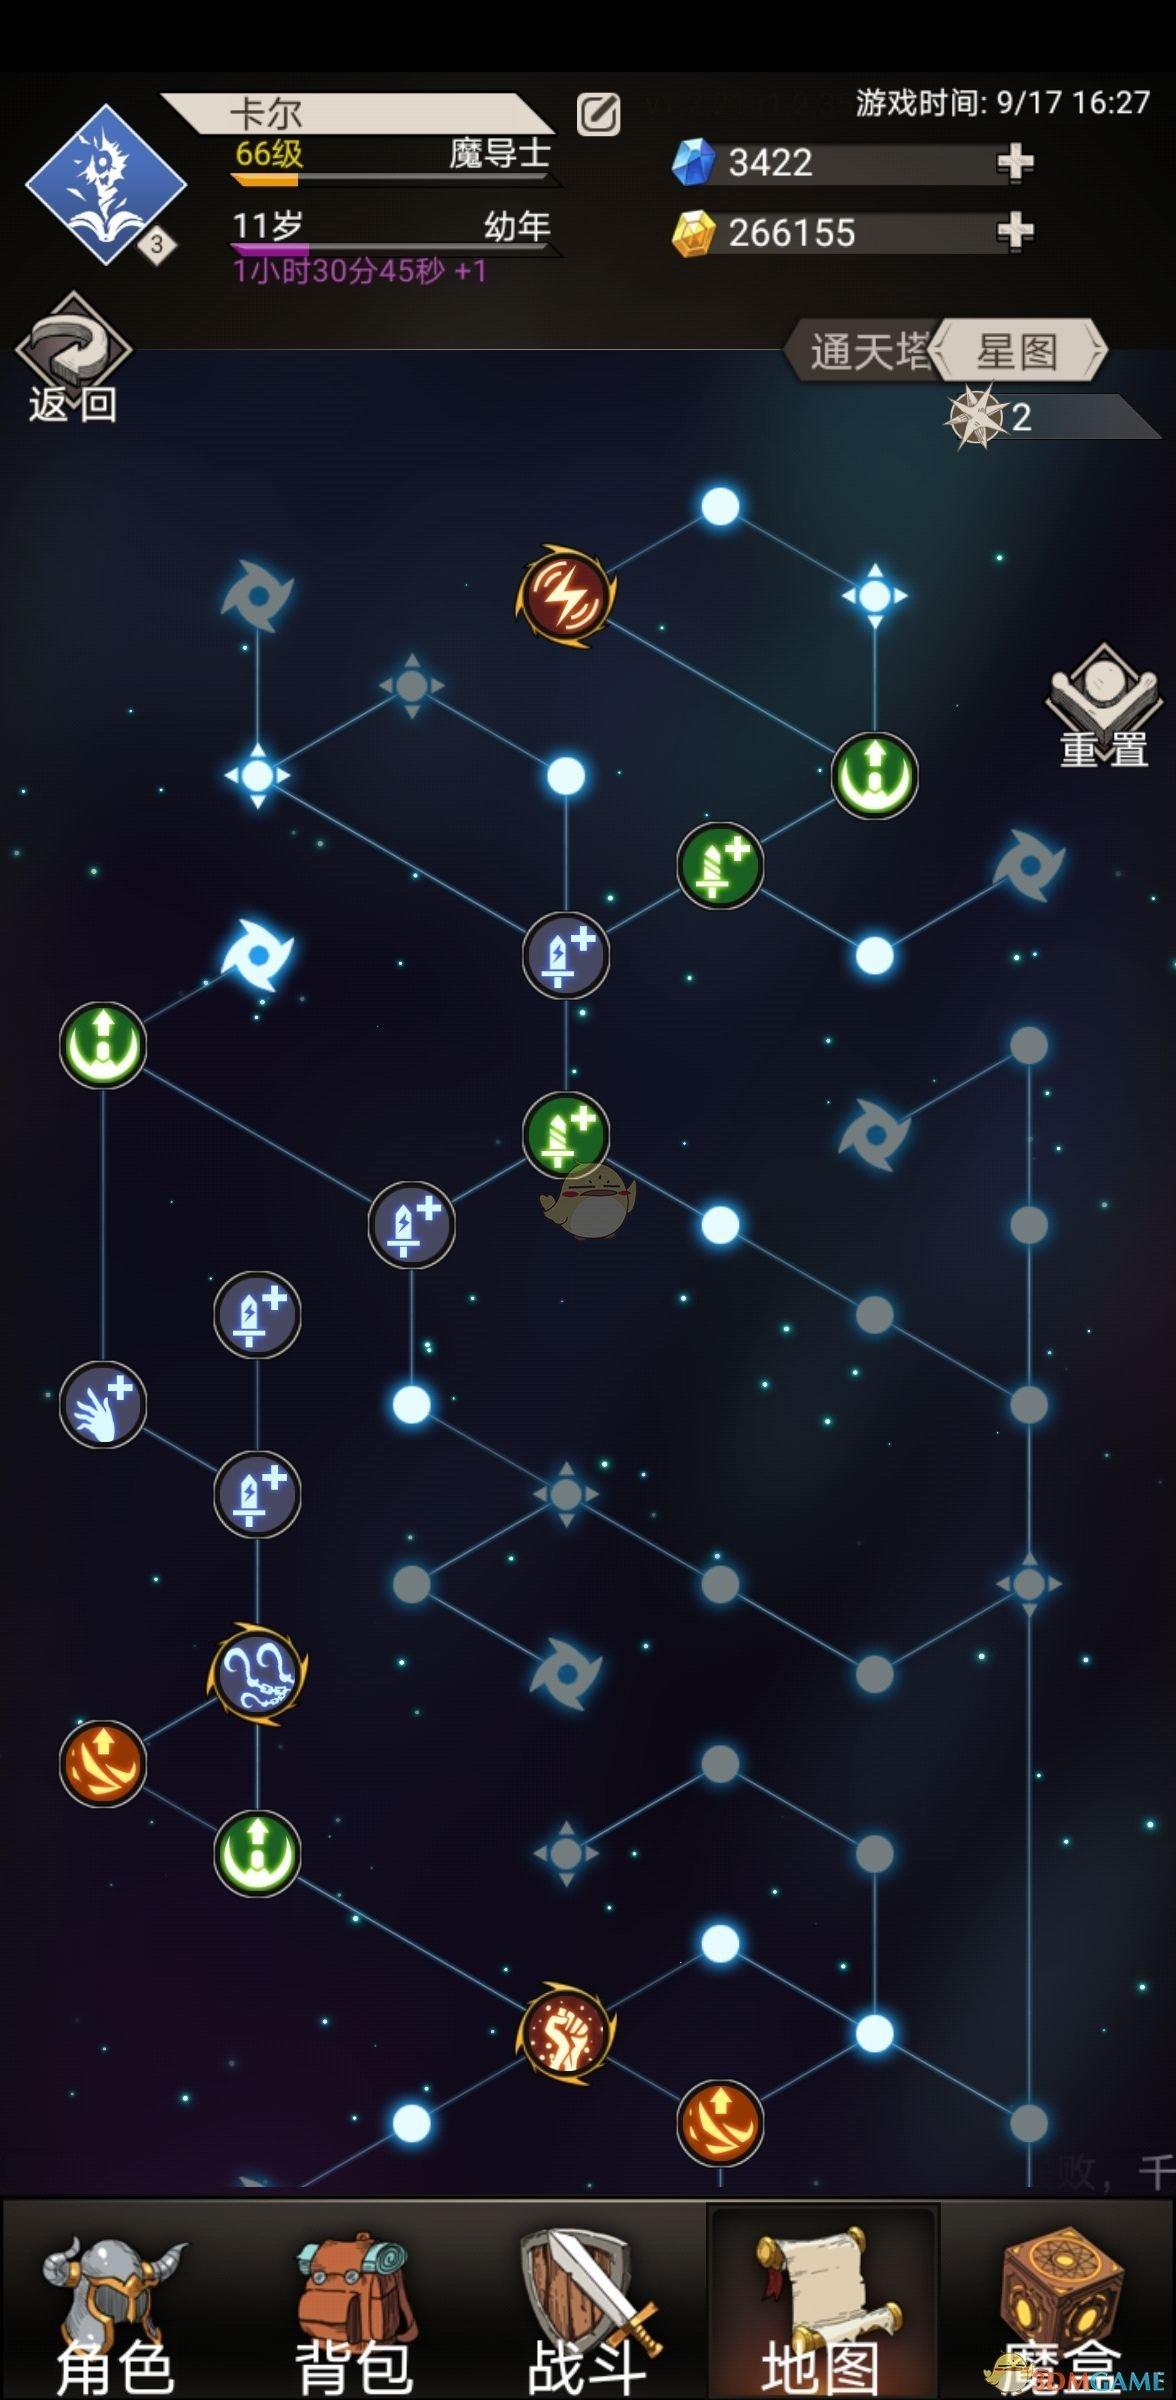 《不朽之旅》冰法流玩法攻略介绍